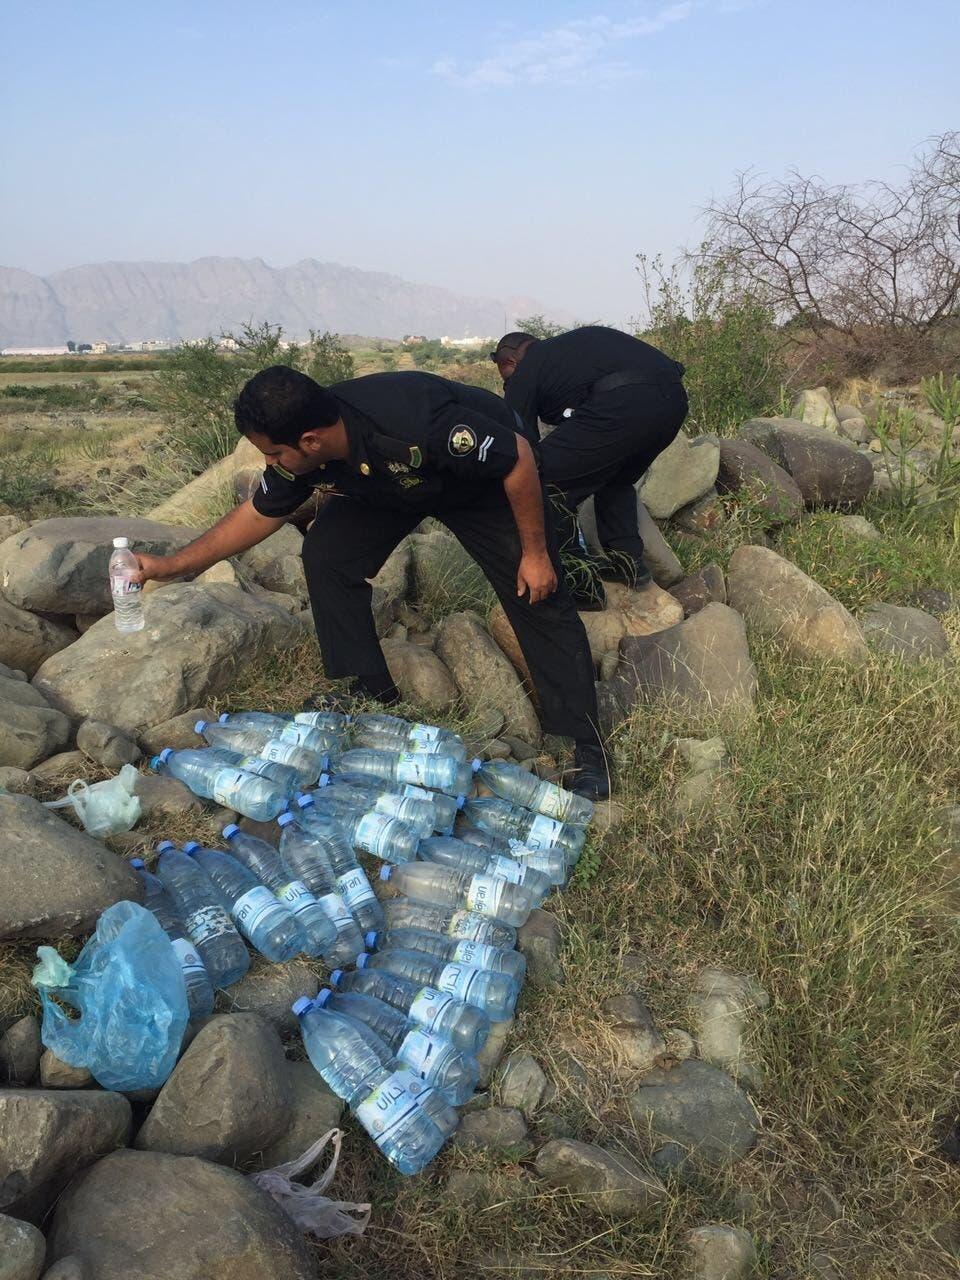 الشرطة السعودية داهمت وكرا للخمور والمخدرات